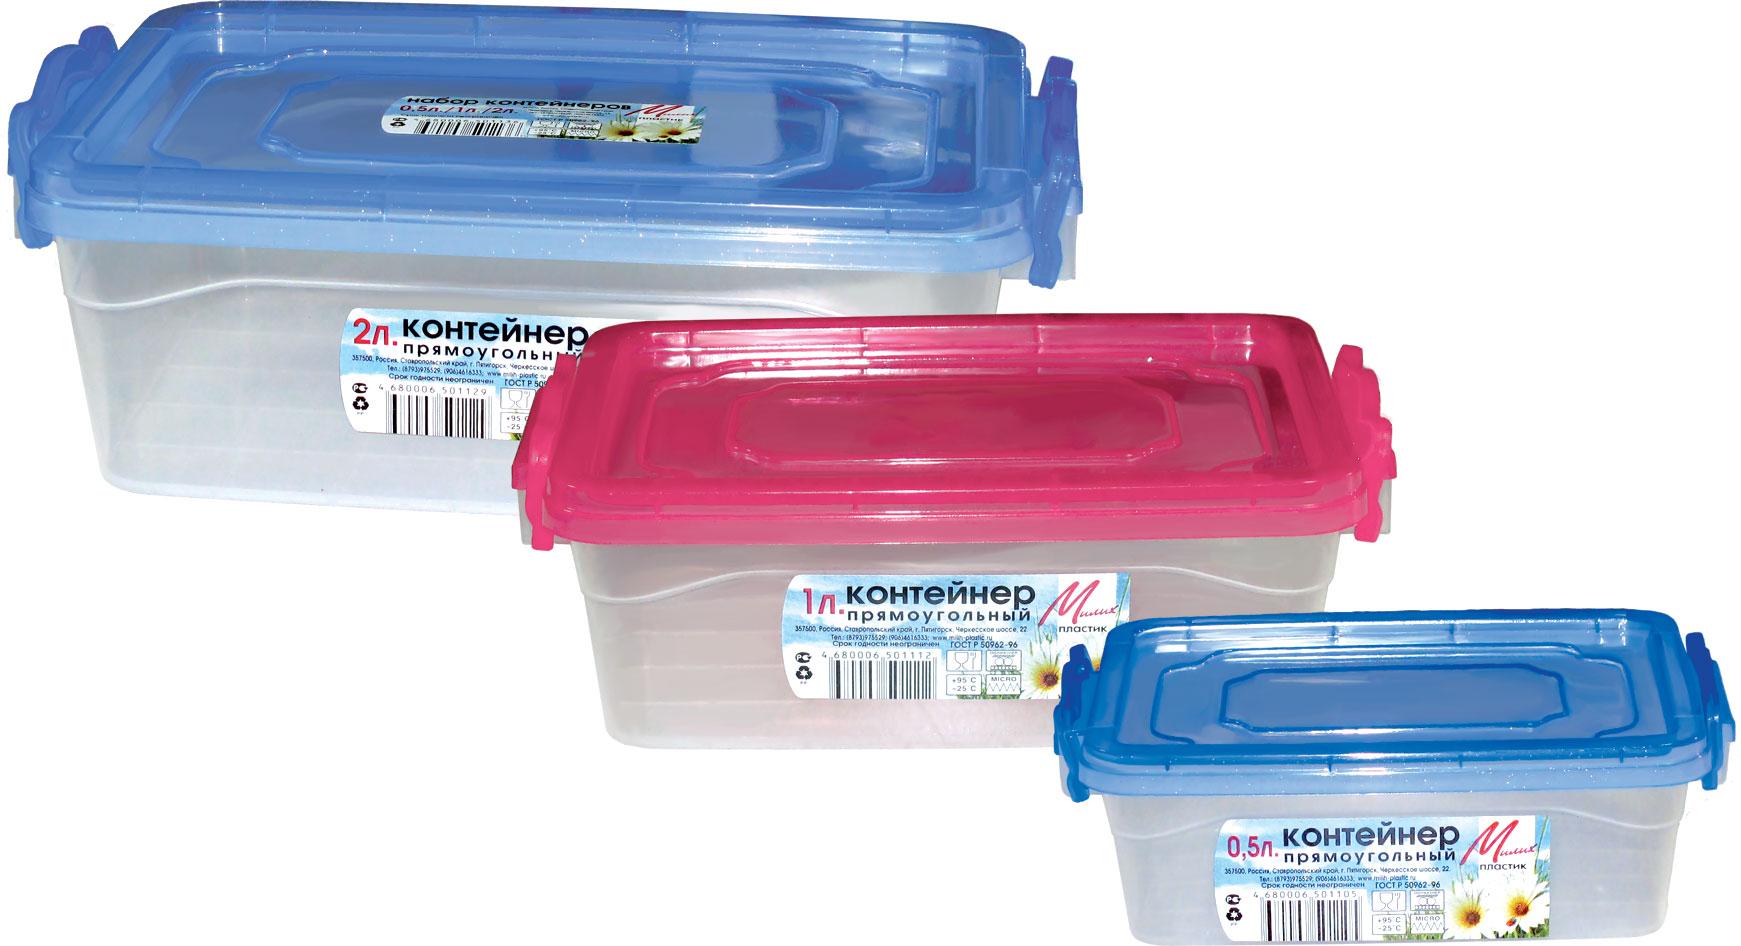 Набор контейнеров прямоугольных для пищевых продуктов 0,5л, 1л, 2л.